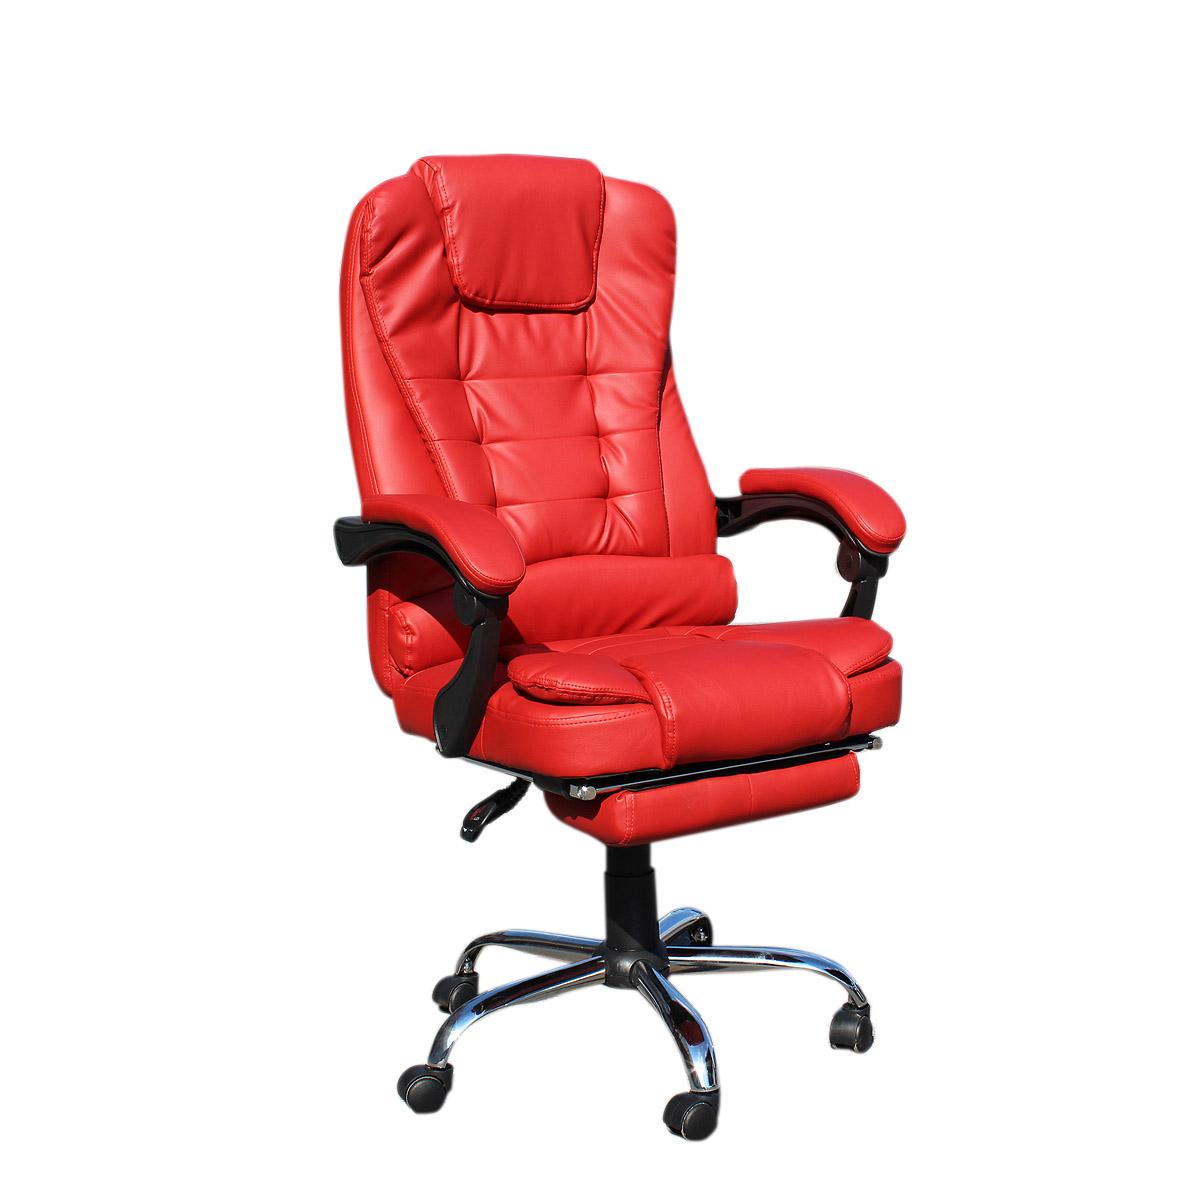 """Πολυθρόνα """"MANAGER"""" με επεκτεινόμενο υποπόδιο σε χρώμα μπορντώ 67x72x127/137"""